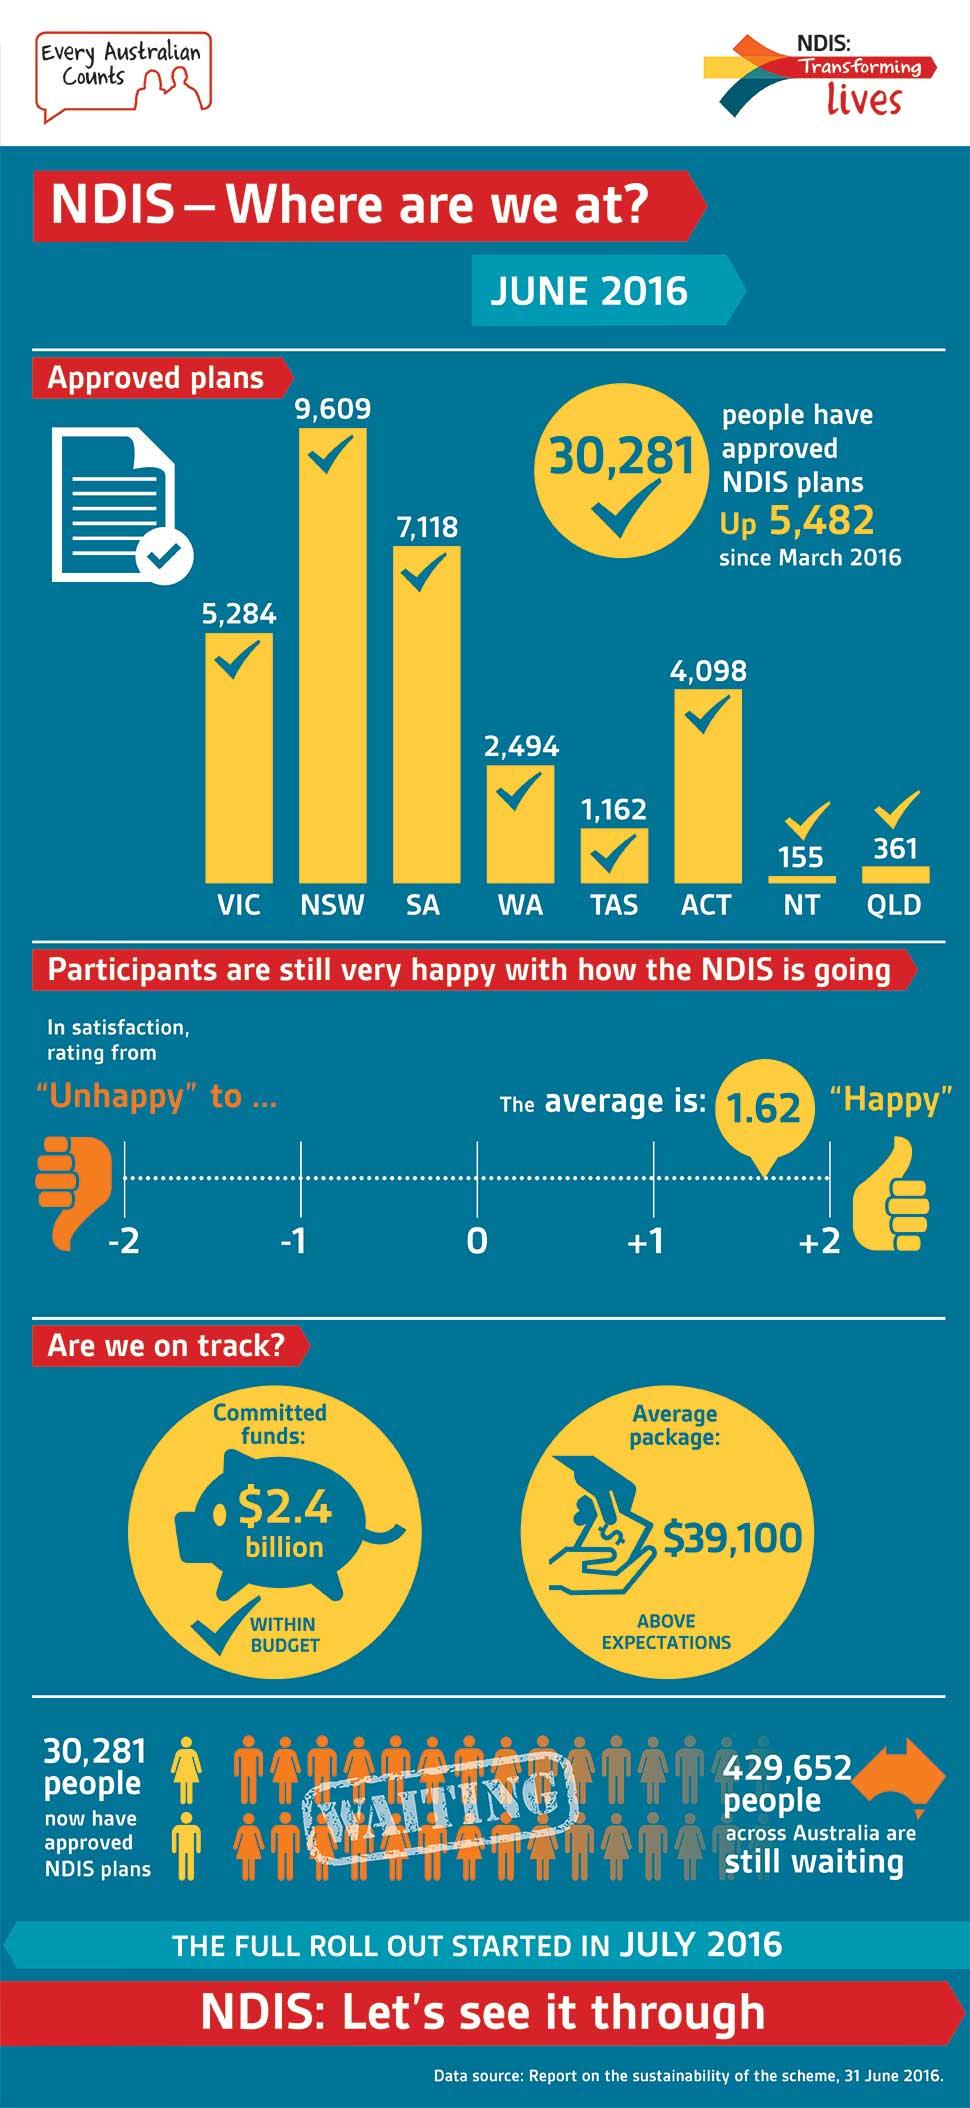 NDIS update infographic